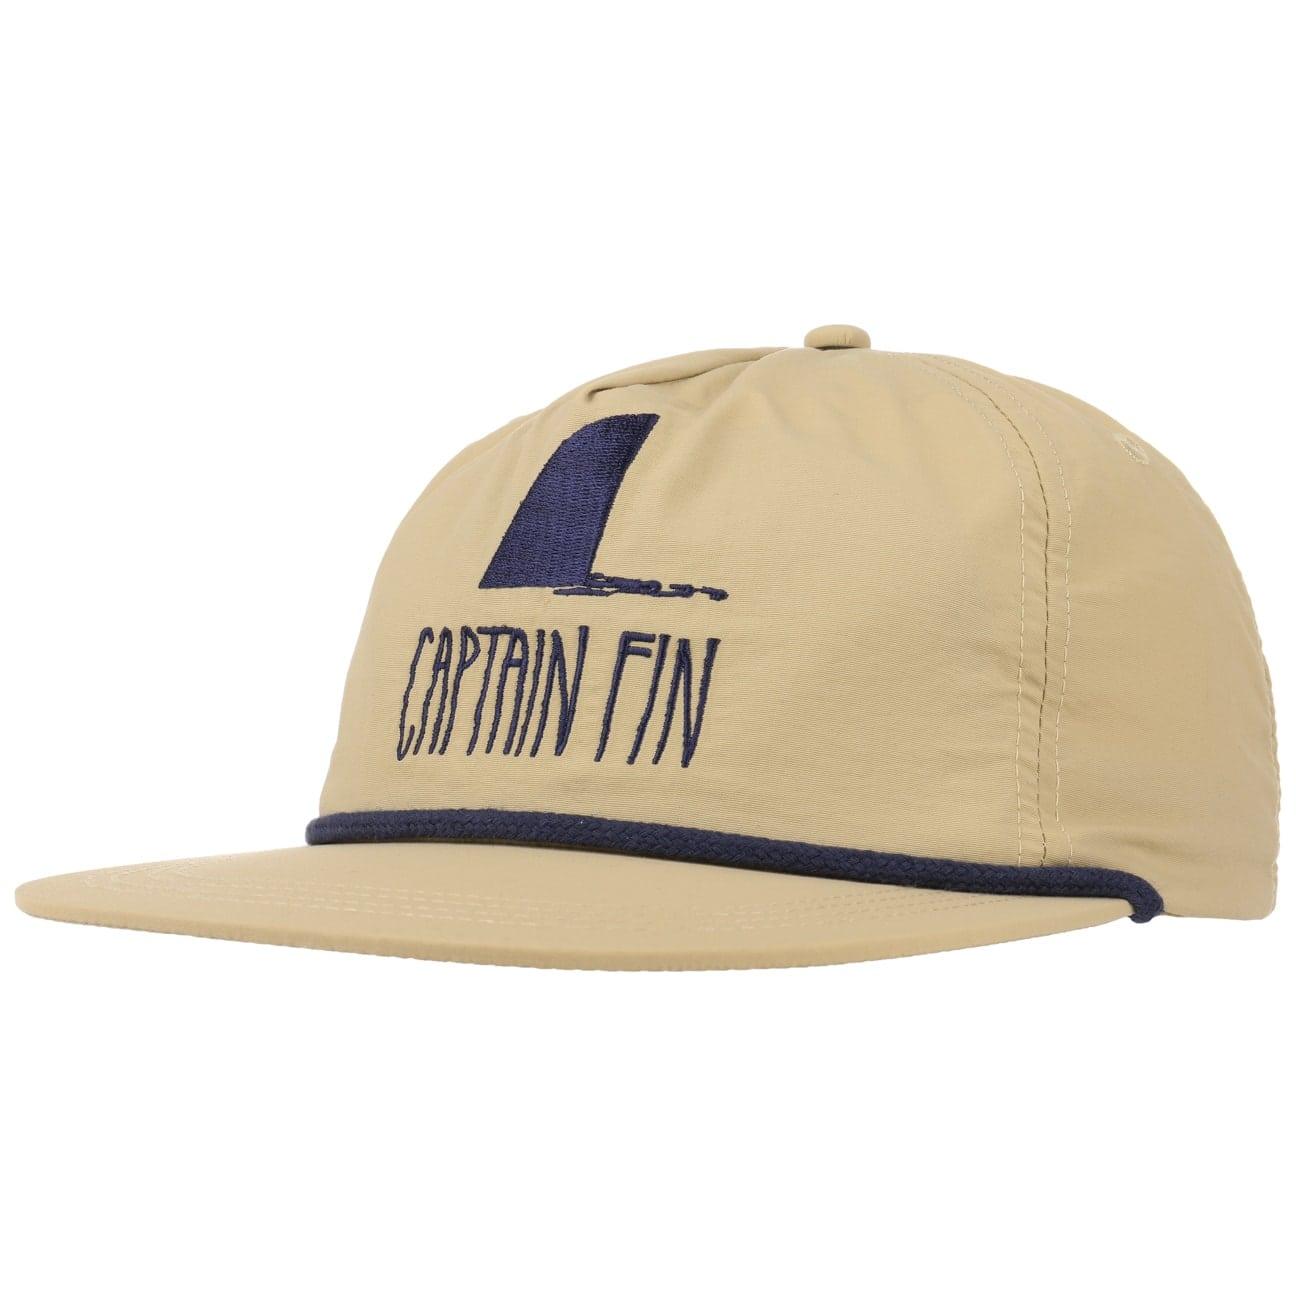 Casquette Shark Fin by Captain Fin  baseball cap